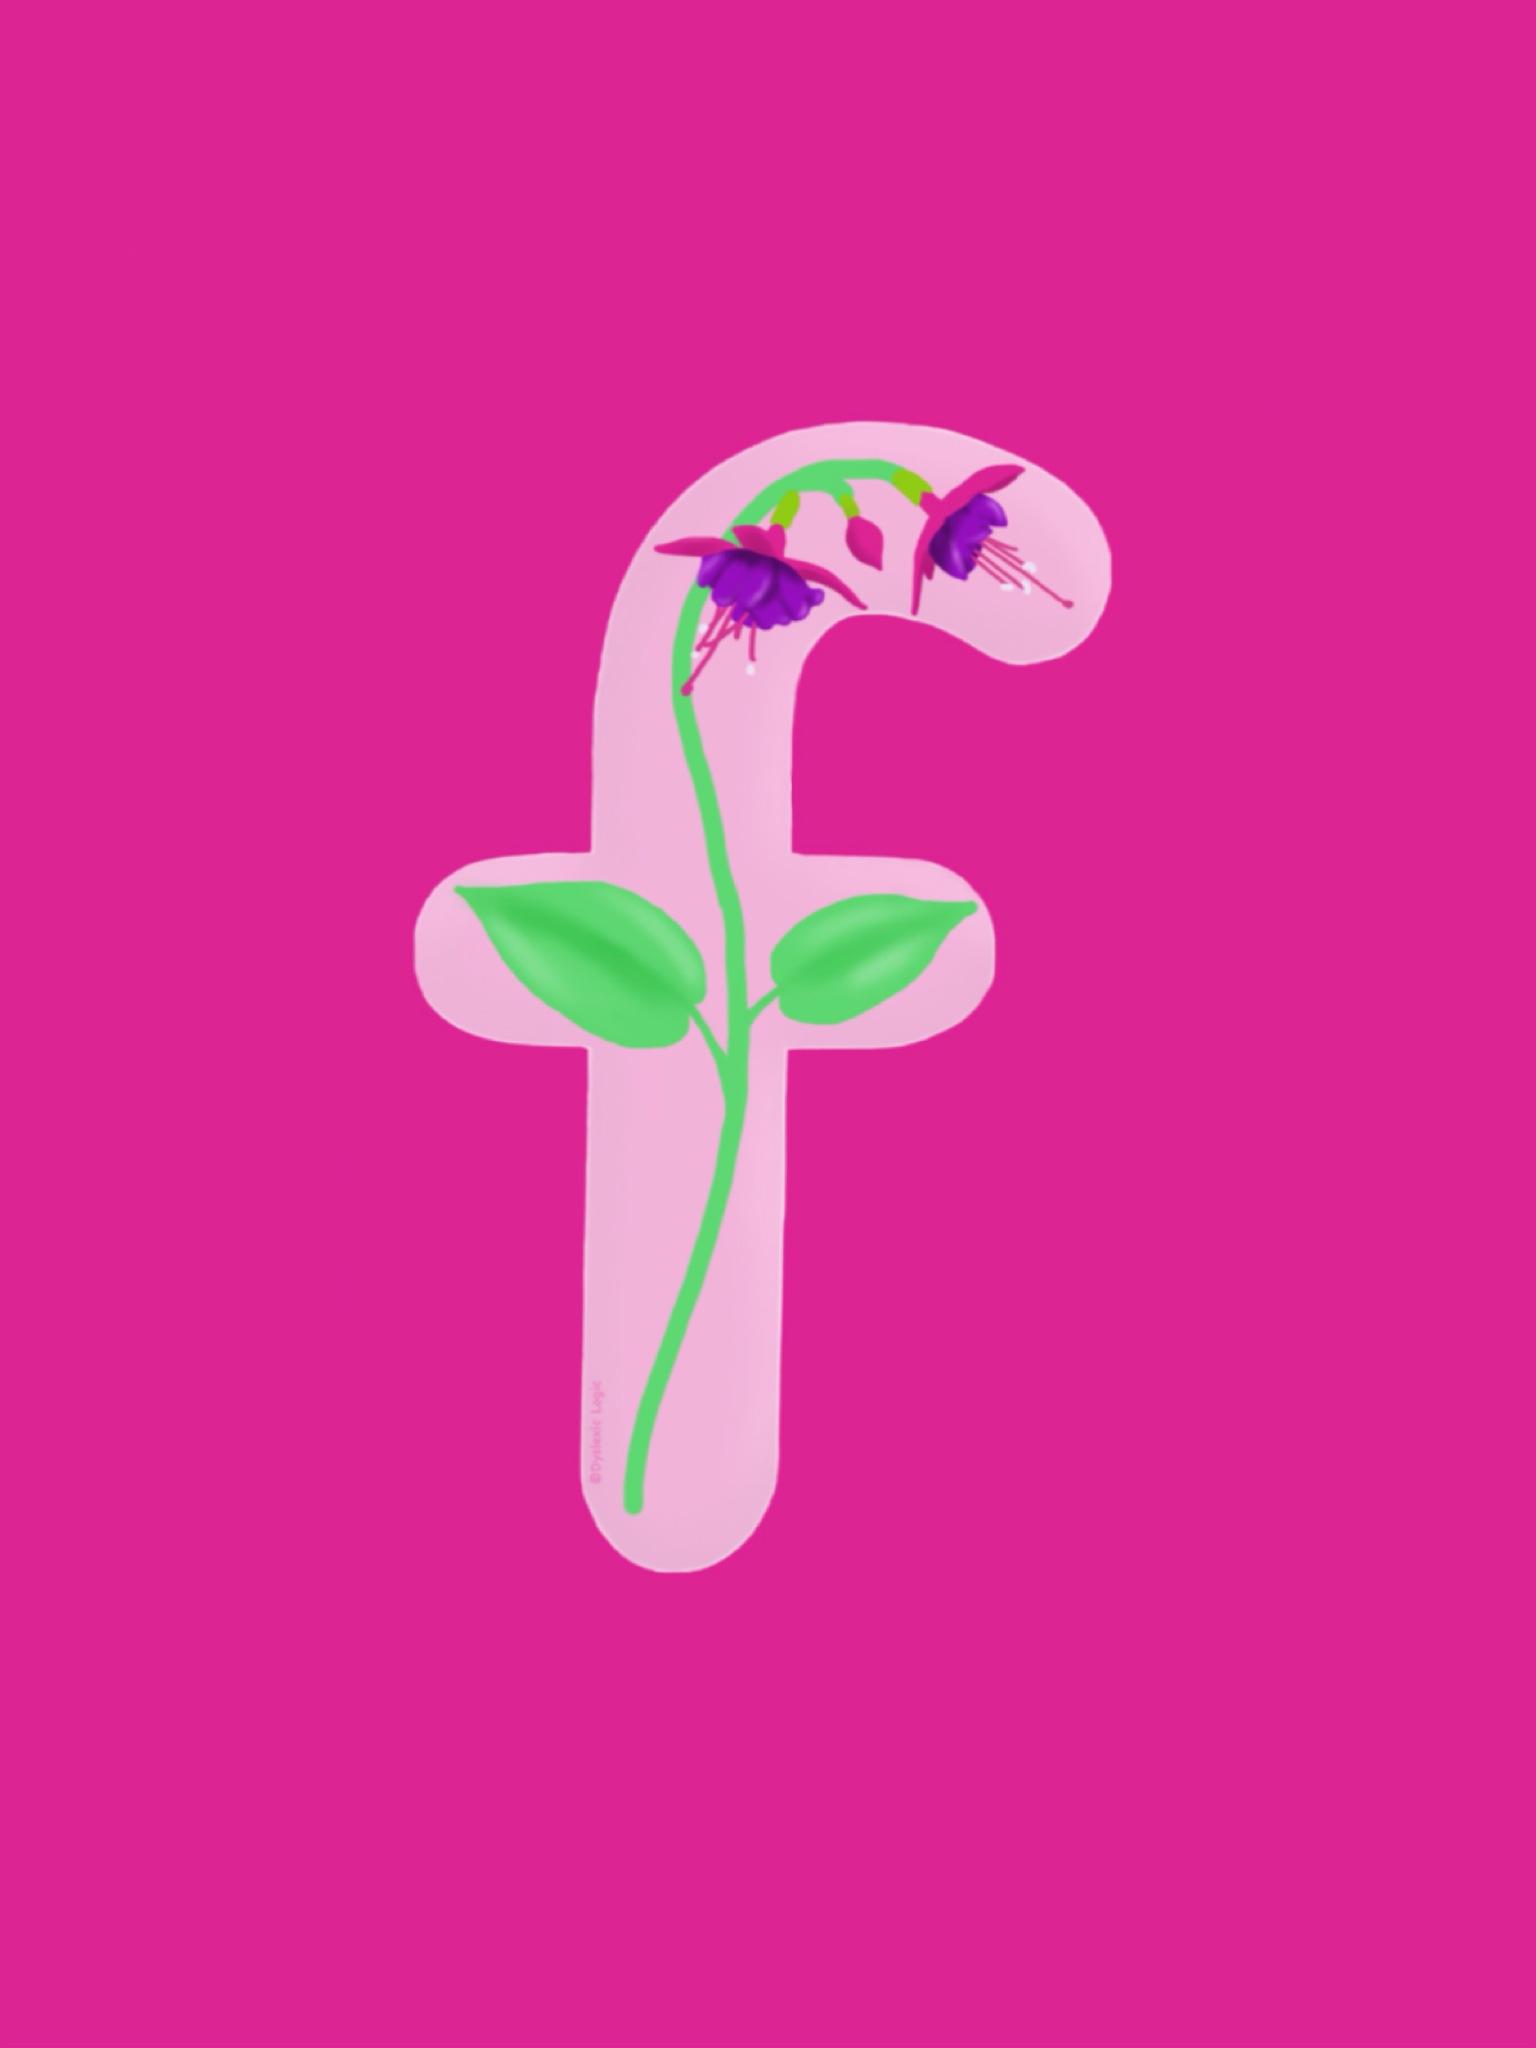 Letter F- Floppy Flower